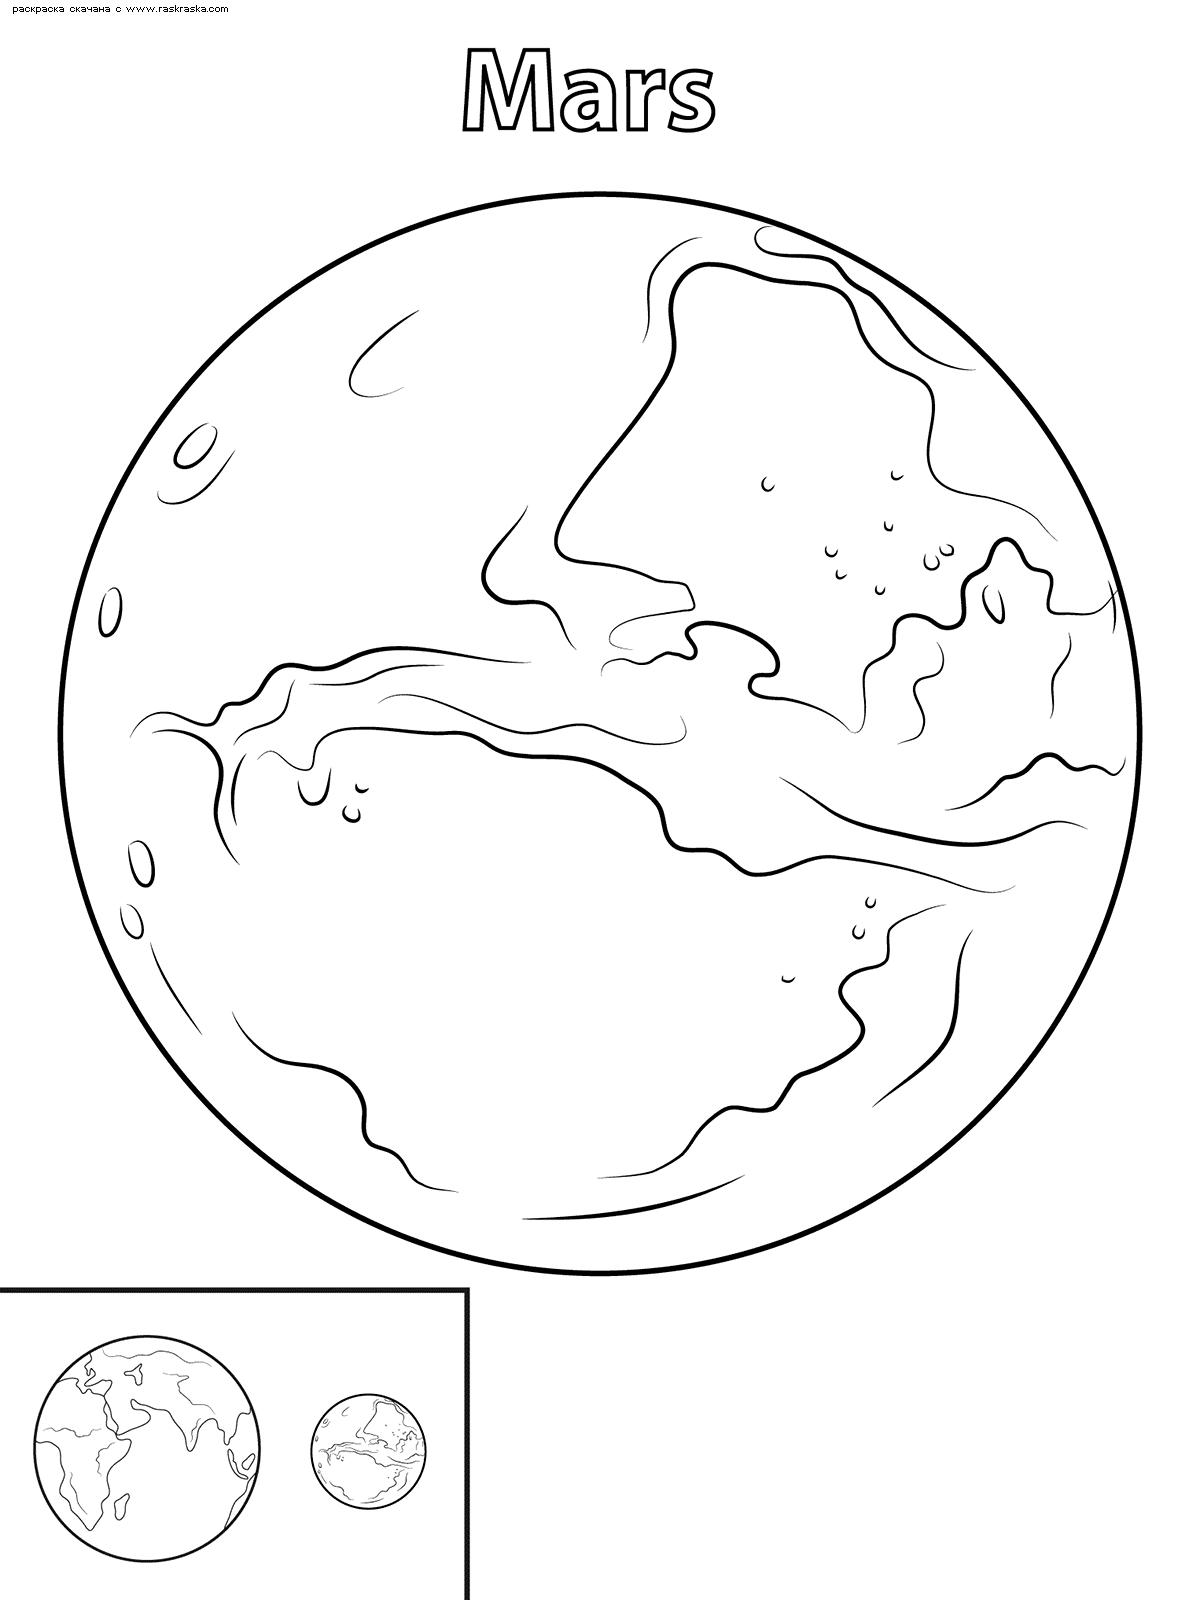 Раскраска Марс. Раскраска марс